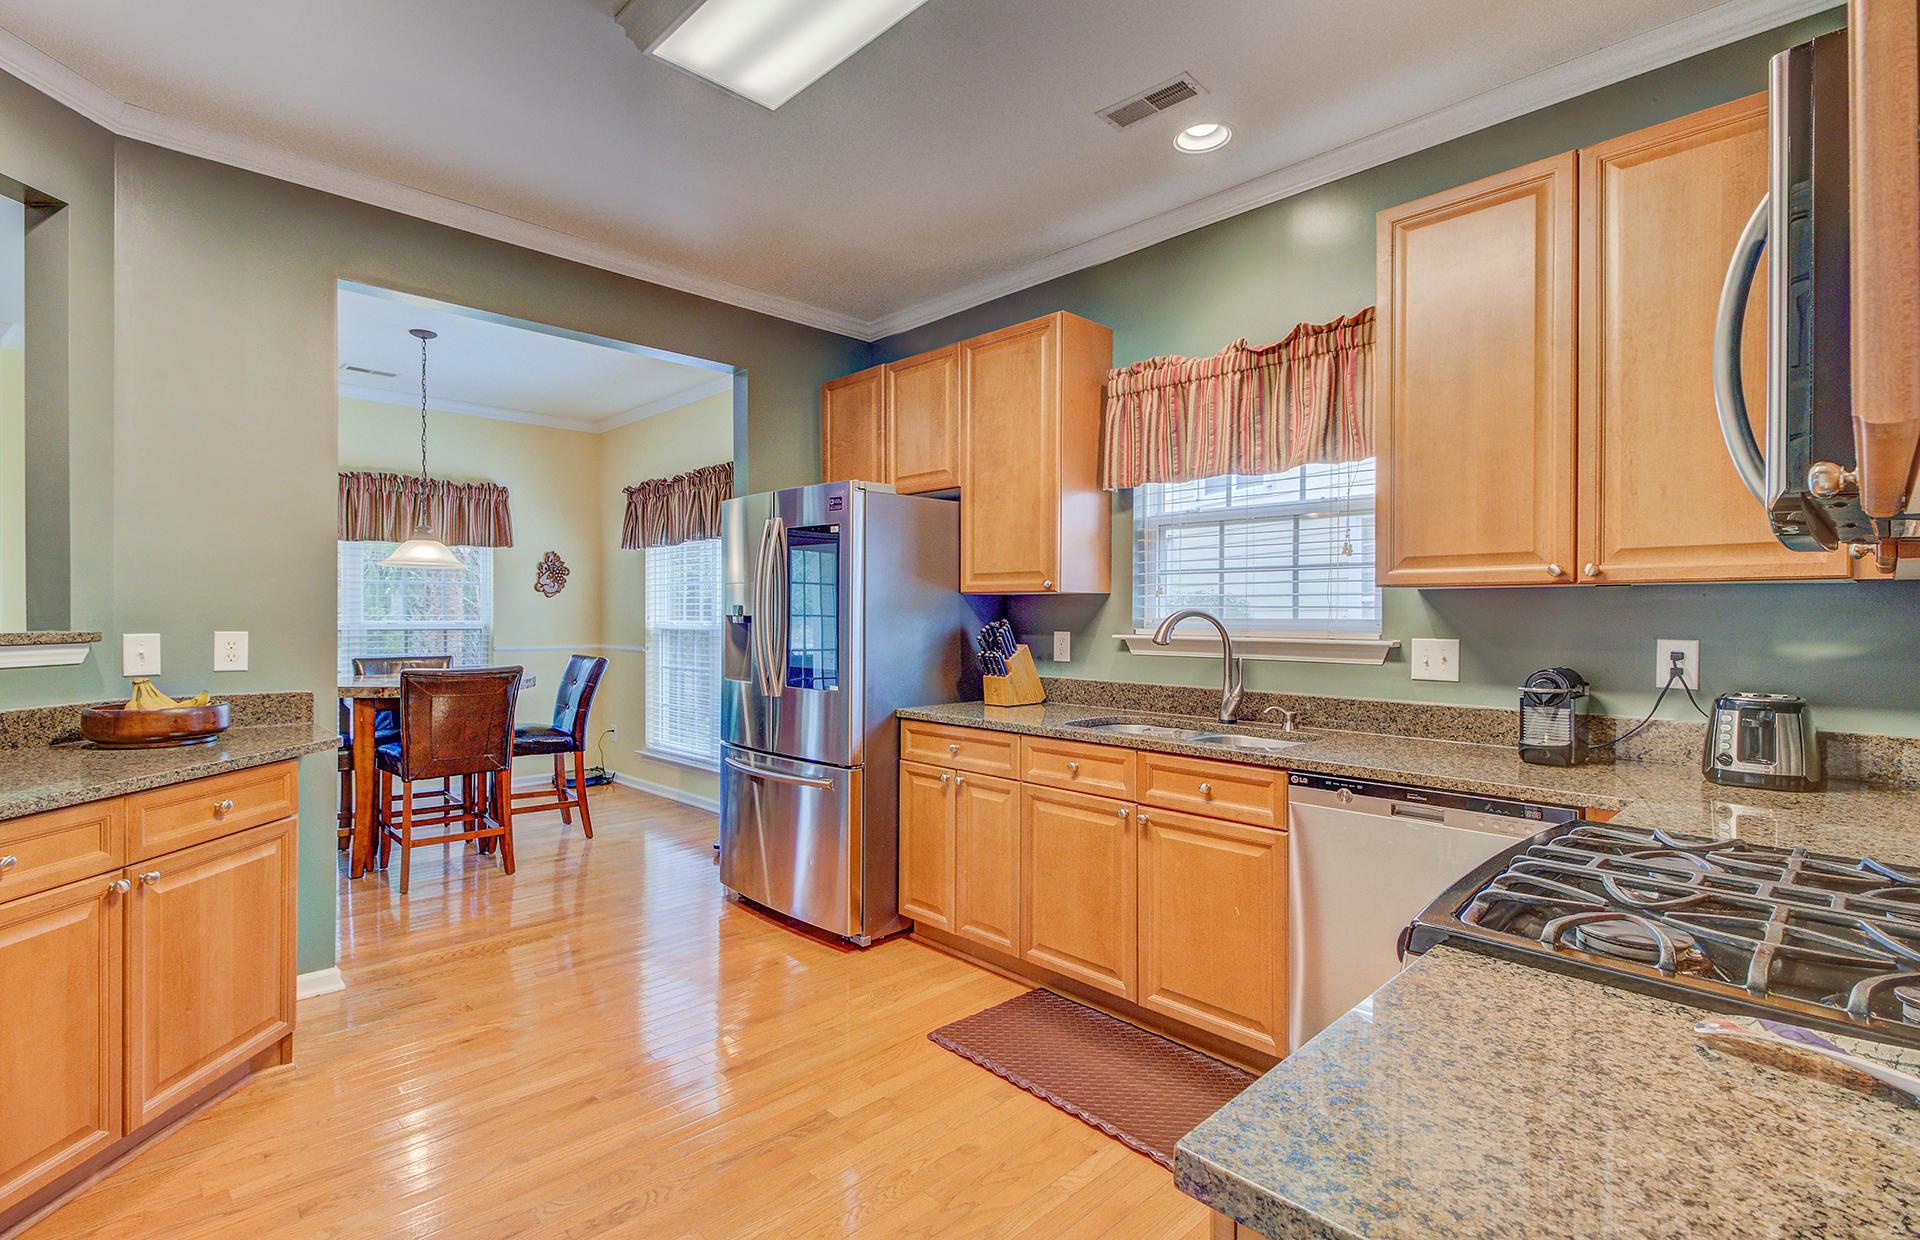 Park West Homes For Sale - 3120 Sonja, Mount Pleasant, SC - 30